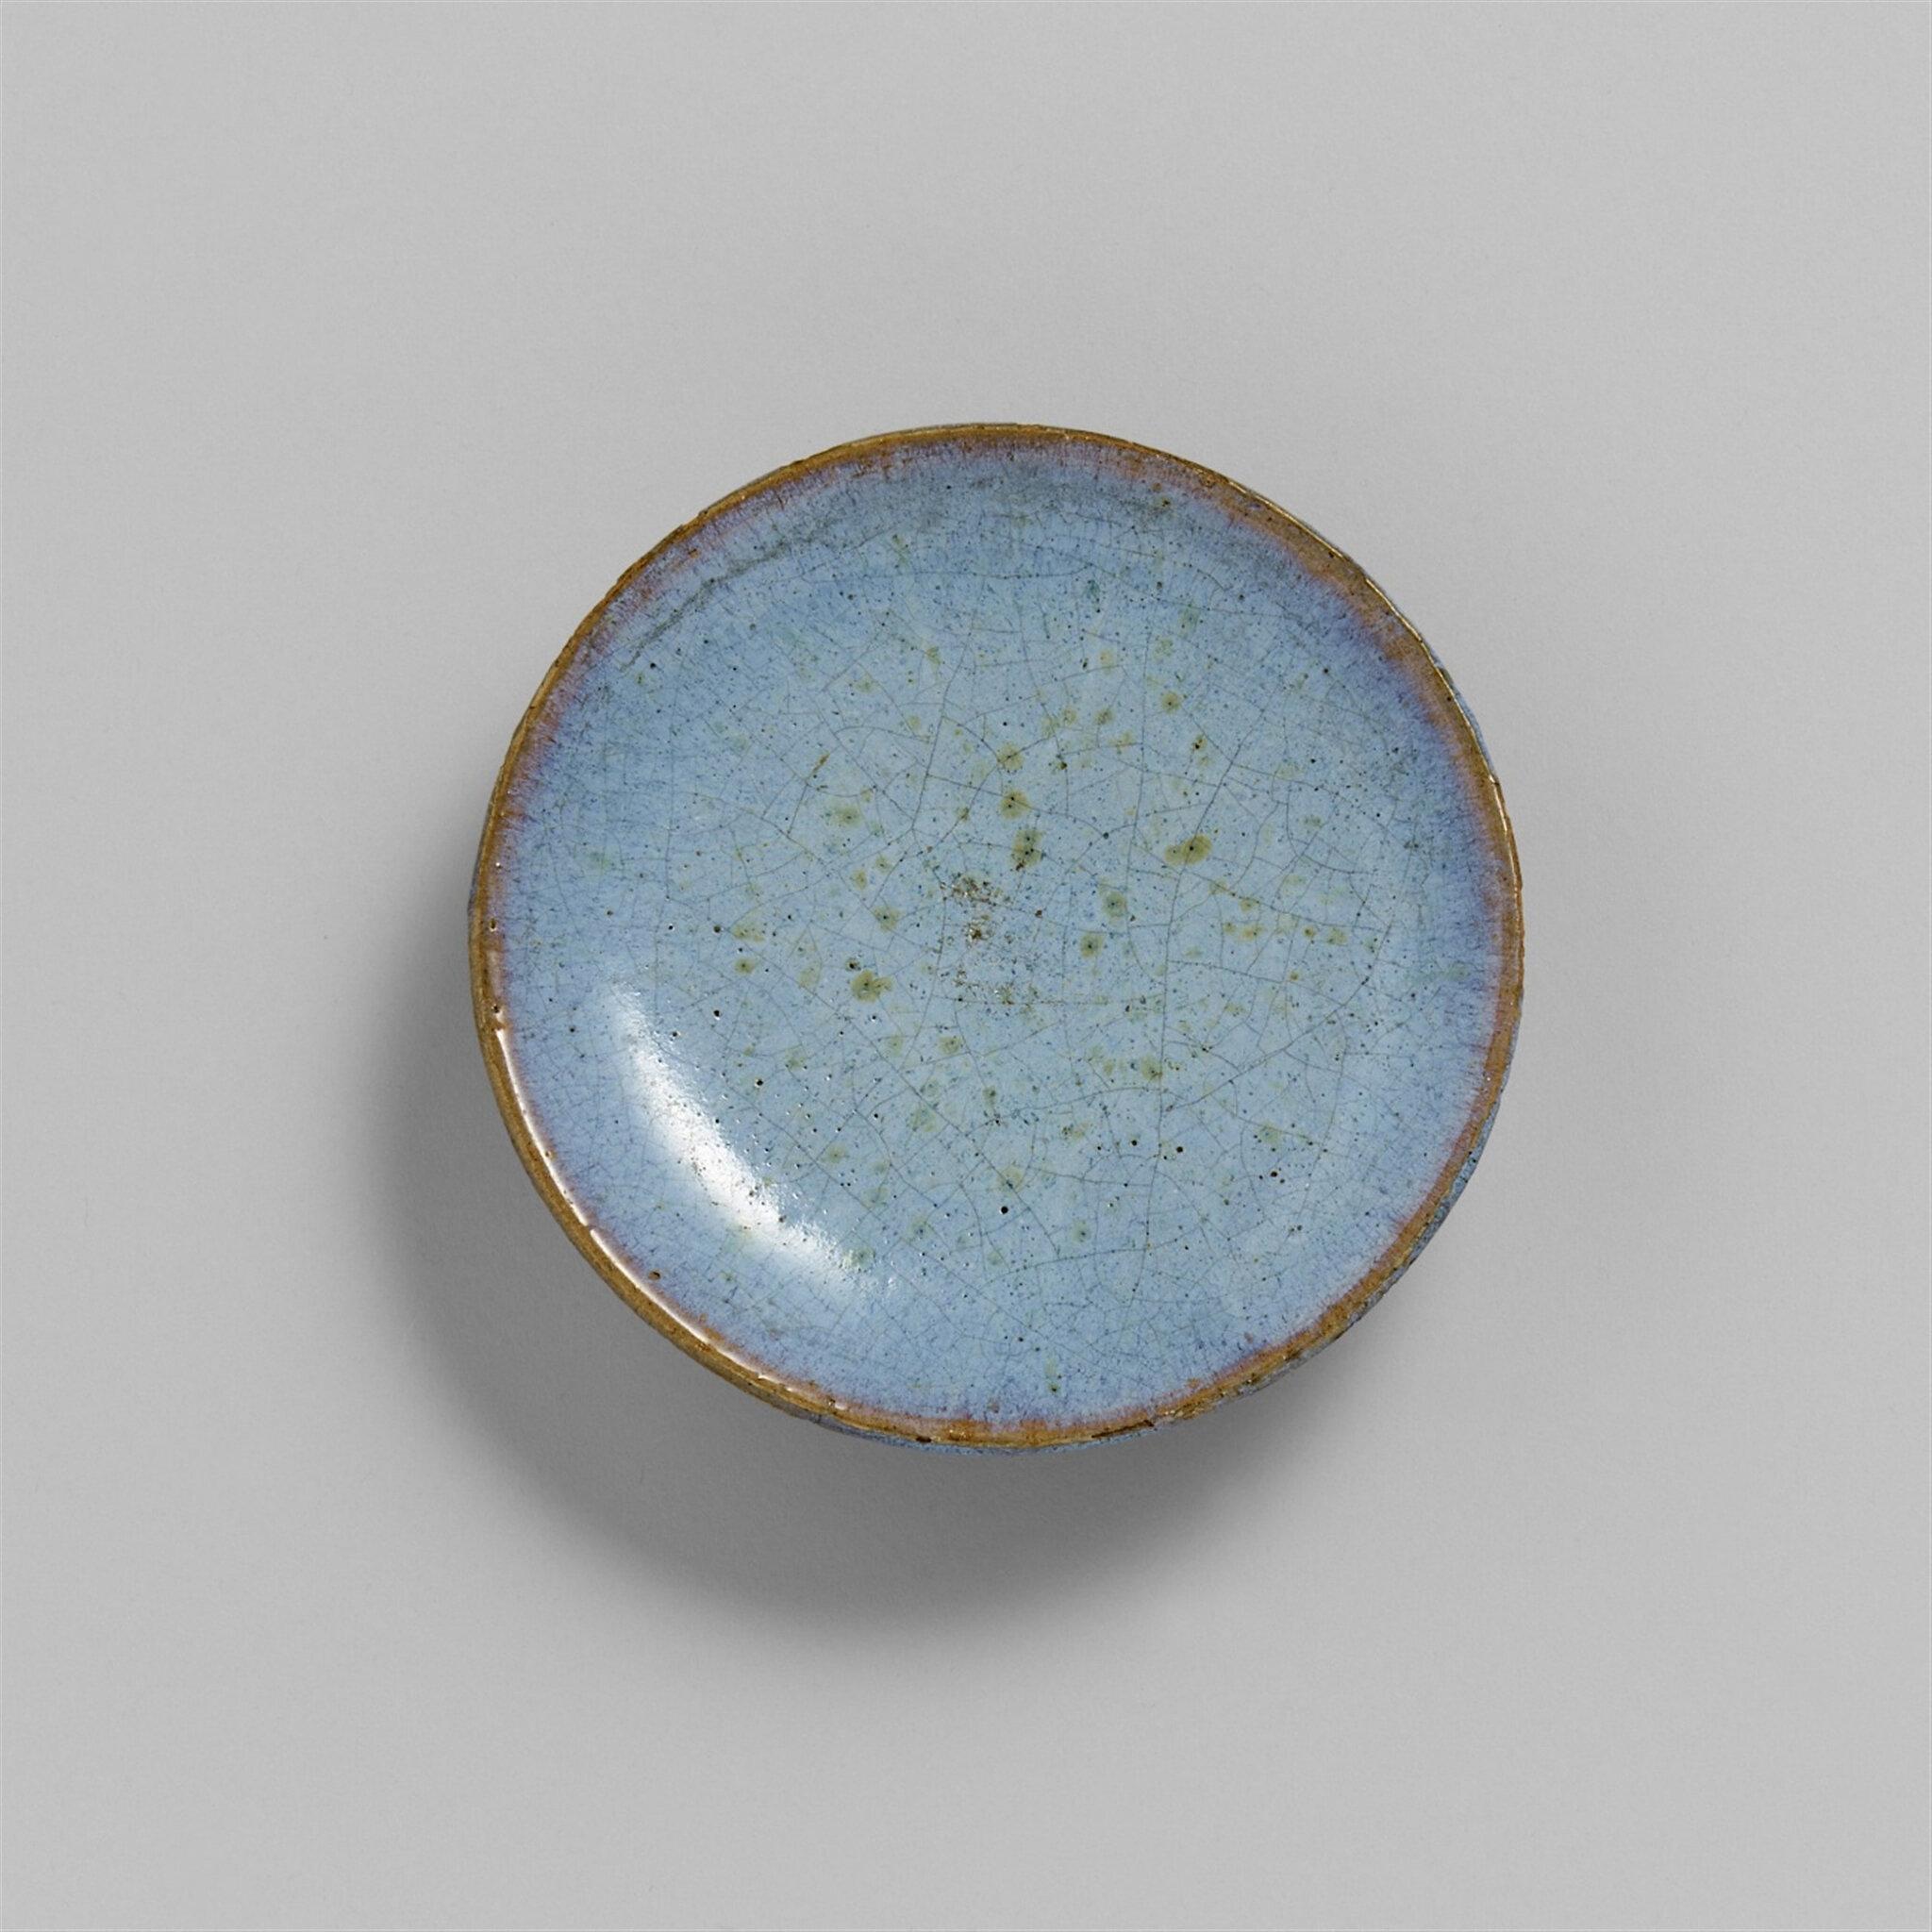 A small shallow junyao dish, Yuan dynasty (1280-1368)